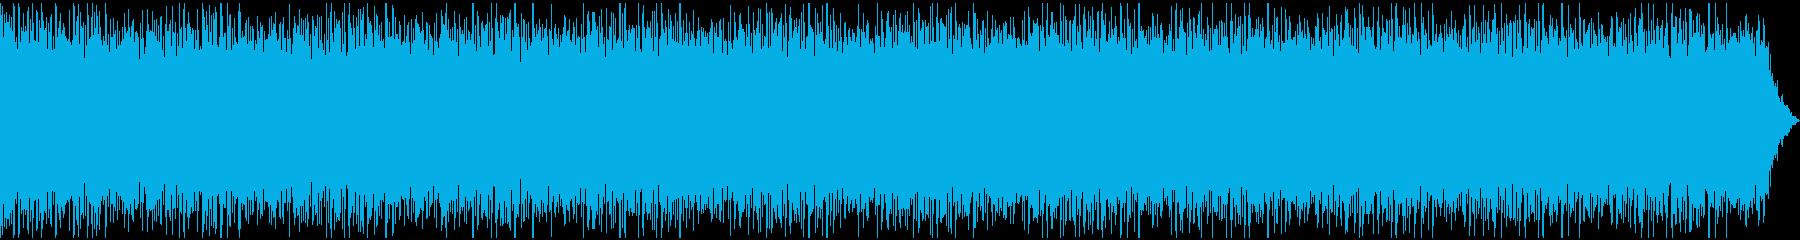 企業・会社の広報、PR動画 明るいBGMの再生済みの波形